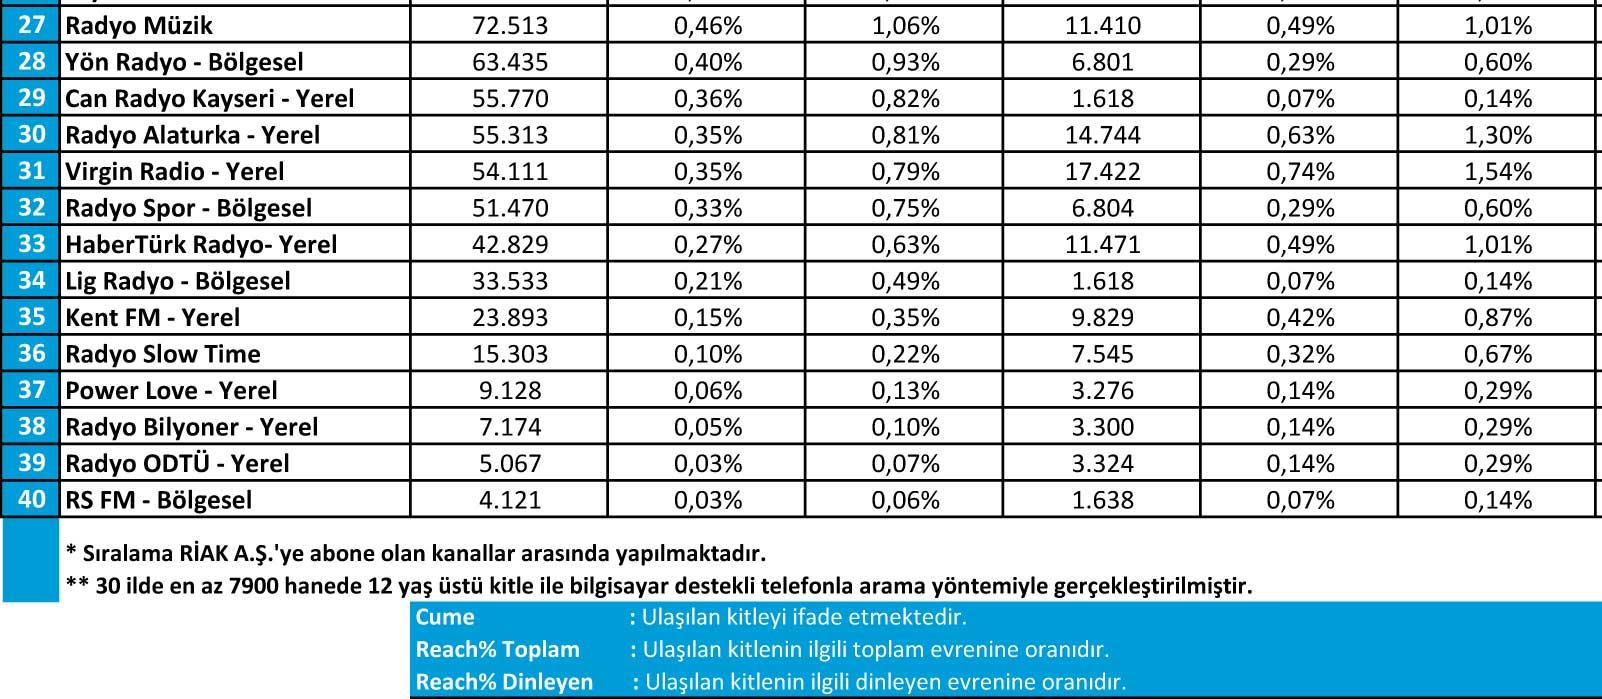 Eylül 2016 Radyo Reyting Sonuçları